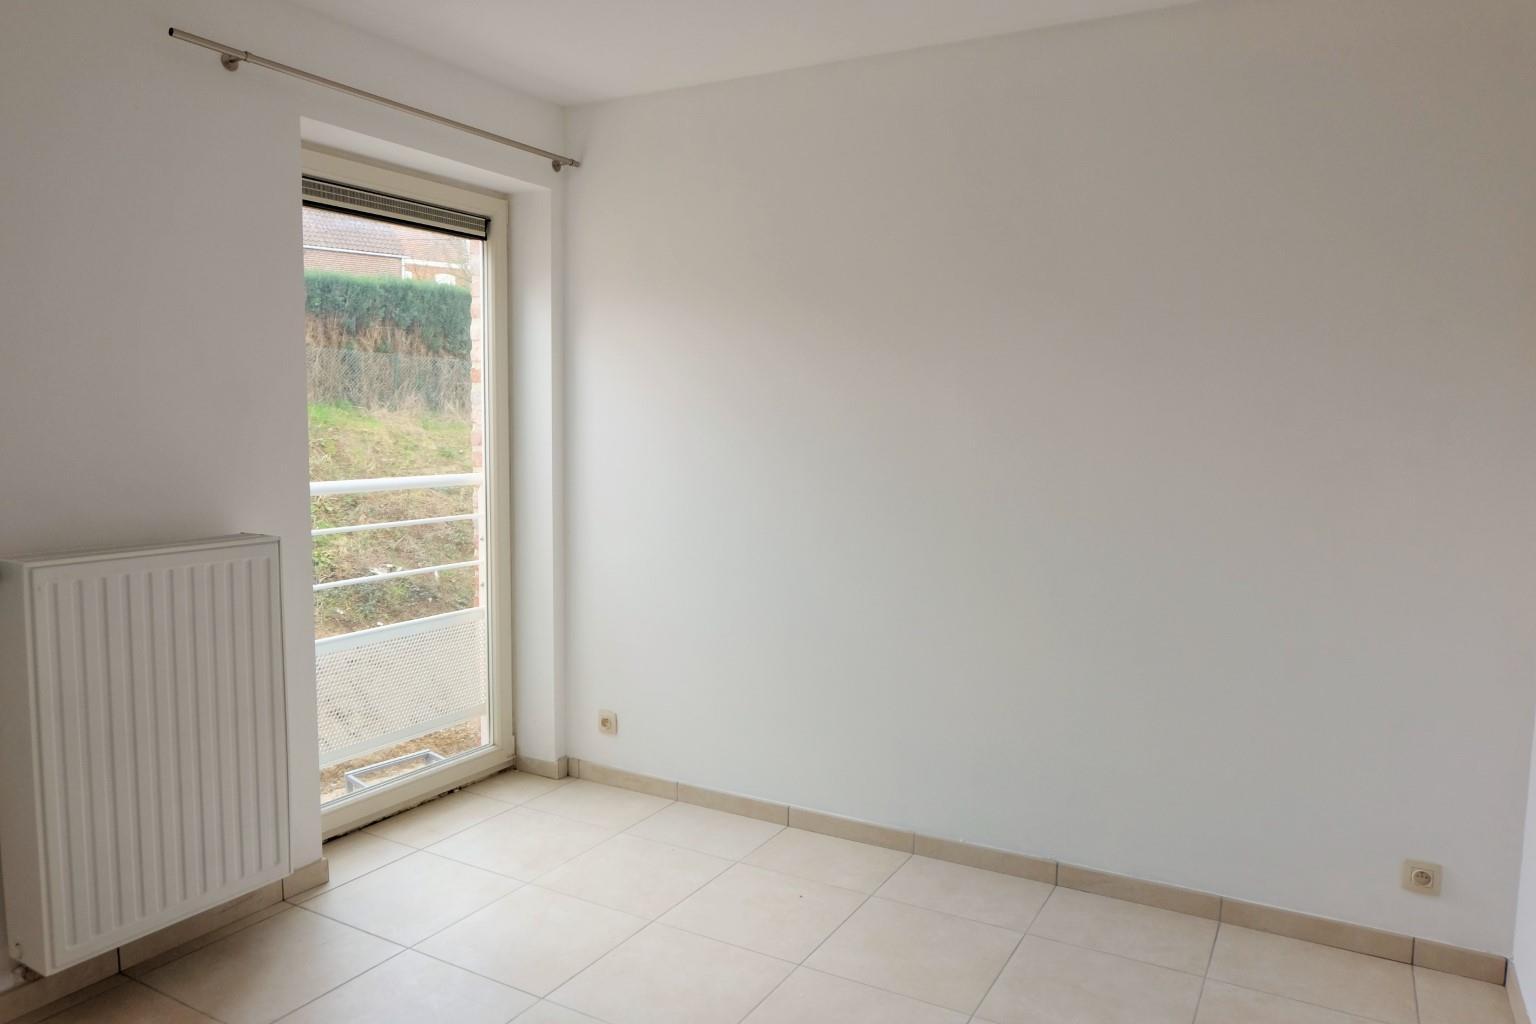 Appartement - Braine-le-Comte Hennuyères - #2181184-7